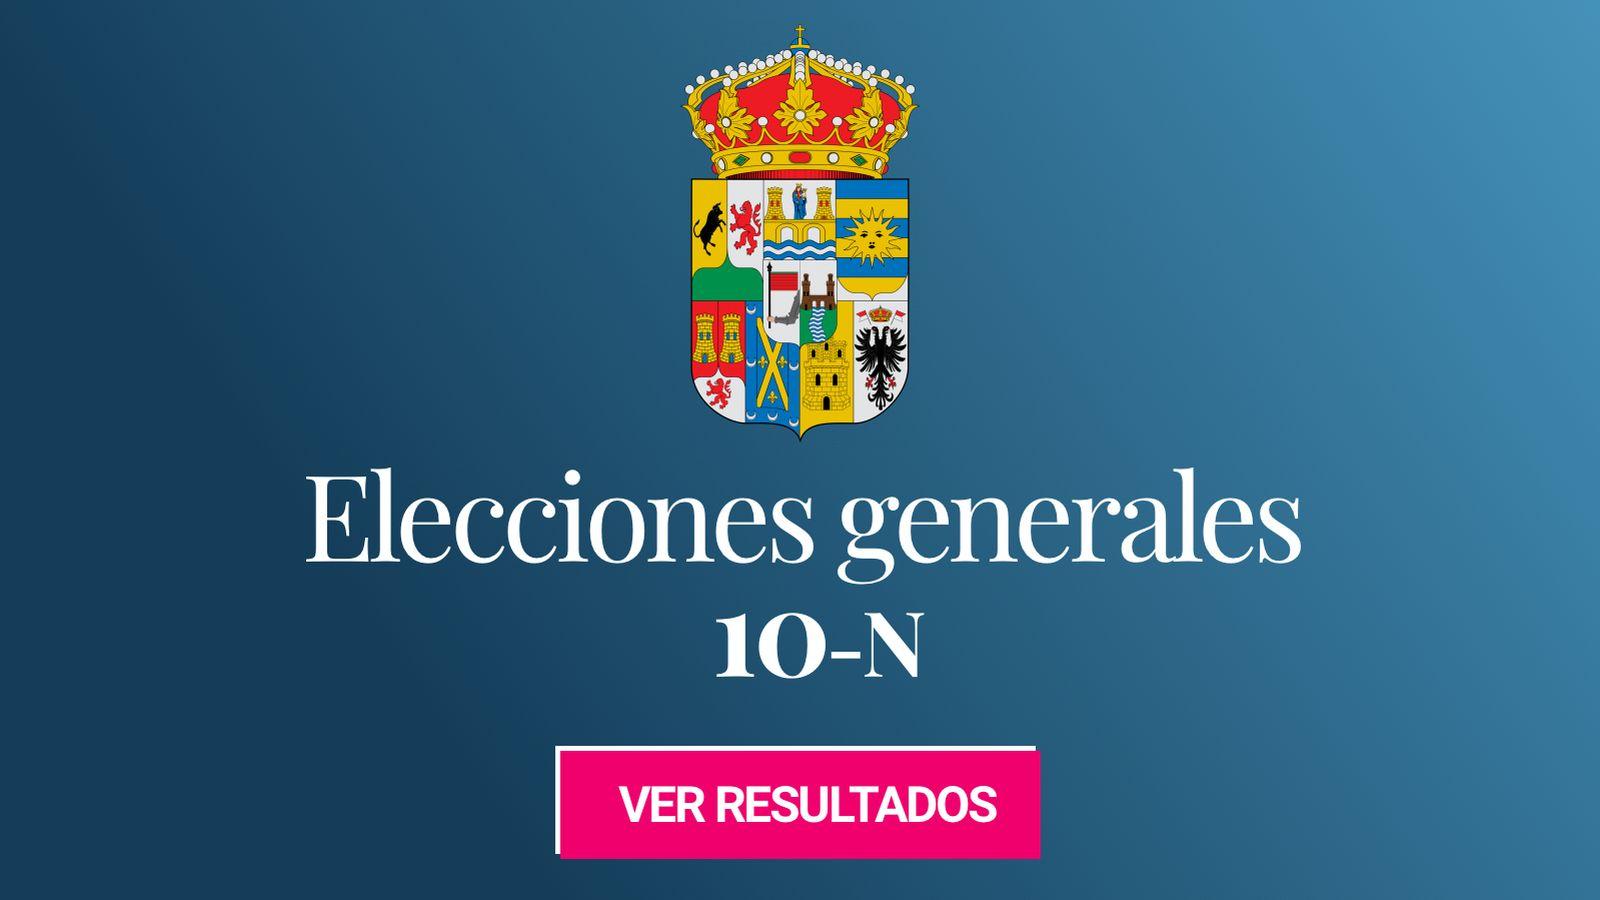 Foto: Elecciones generales 2019 en la provincia de Zamora. (C.C./HansenBCN)